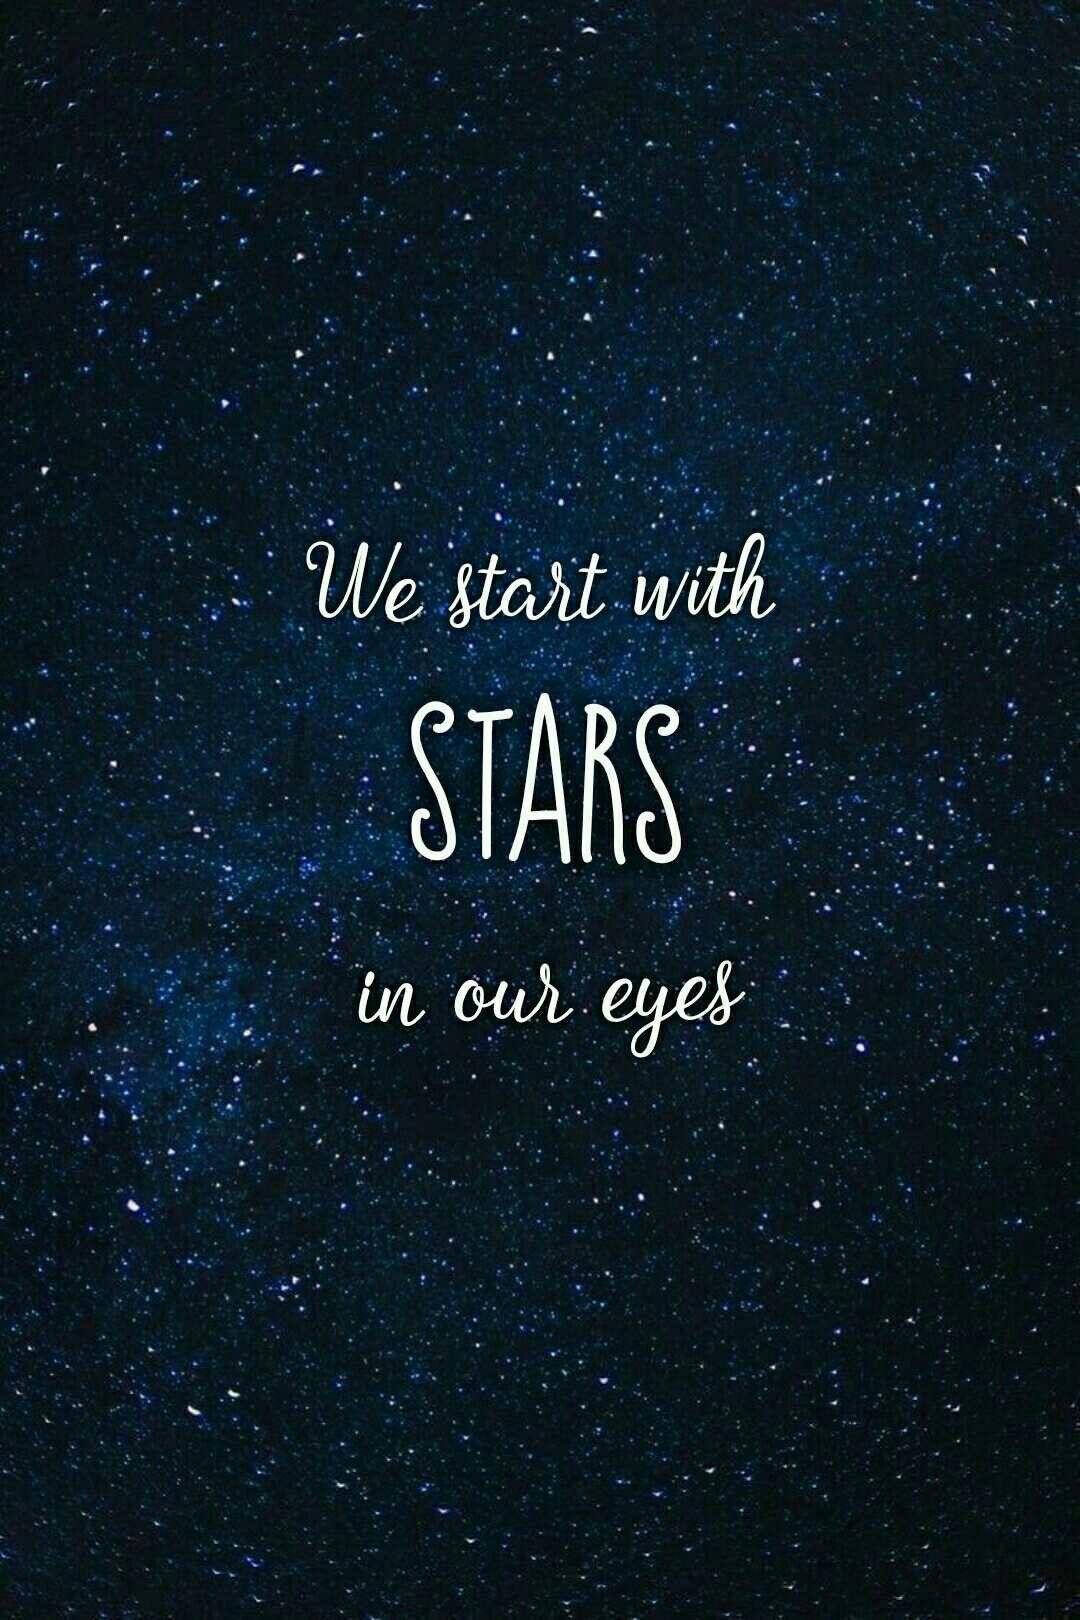 We Start With Stars In Our Eyes Dear Evan Hansen Dear Evan Hansen Quotes Dear Evan Hansen Musical Dear Evan Hansen